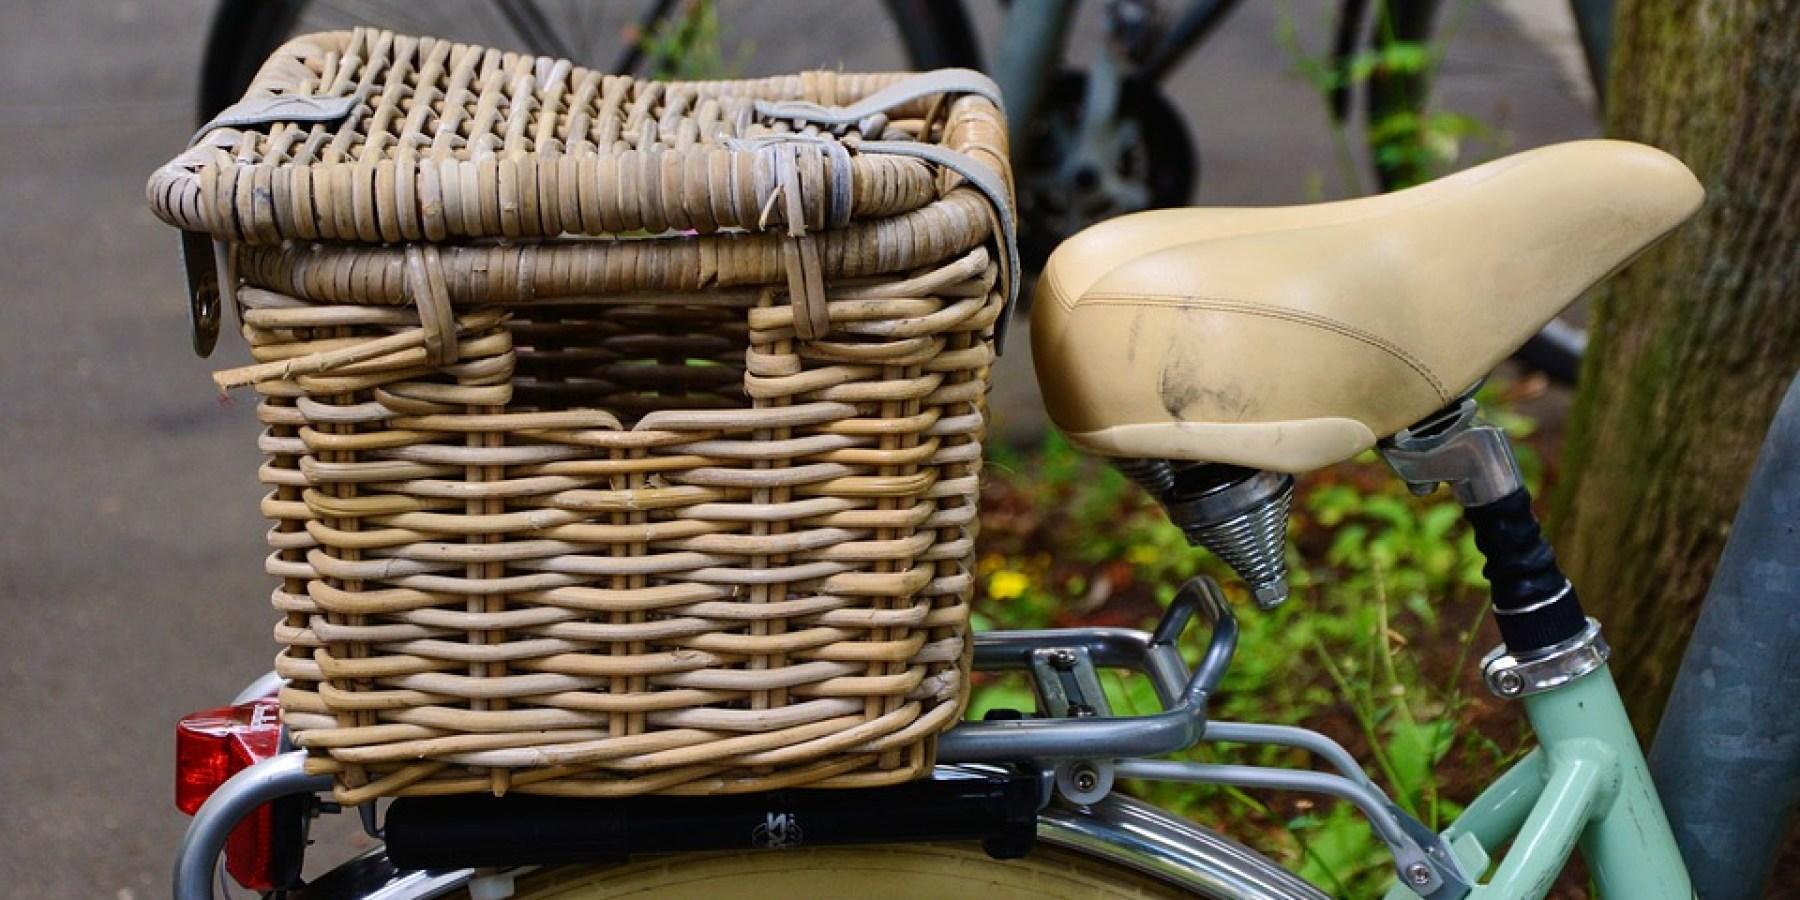 Während der Fahrt Handtaschen aus Fahrradkörben entwendet